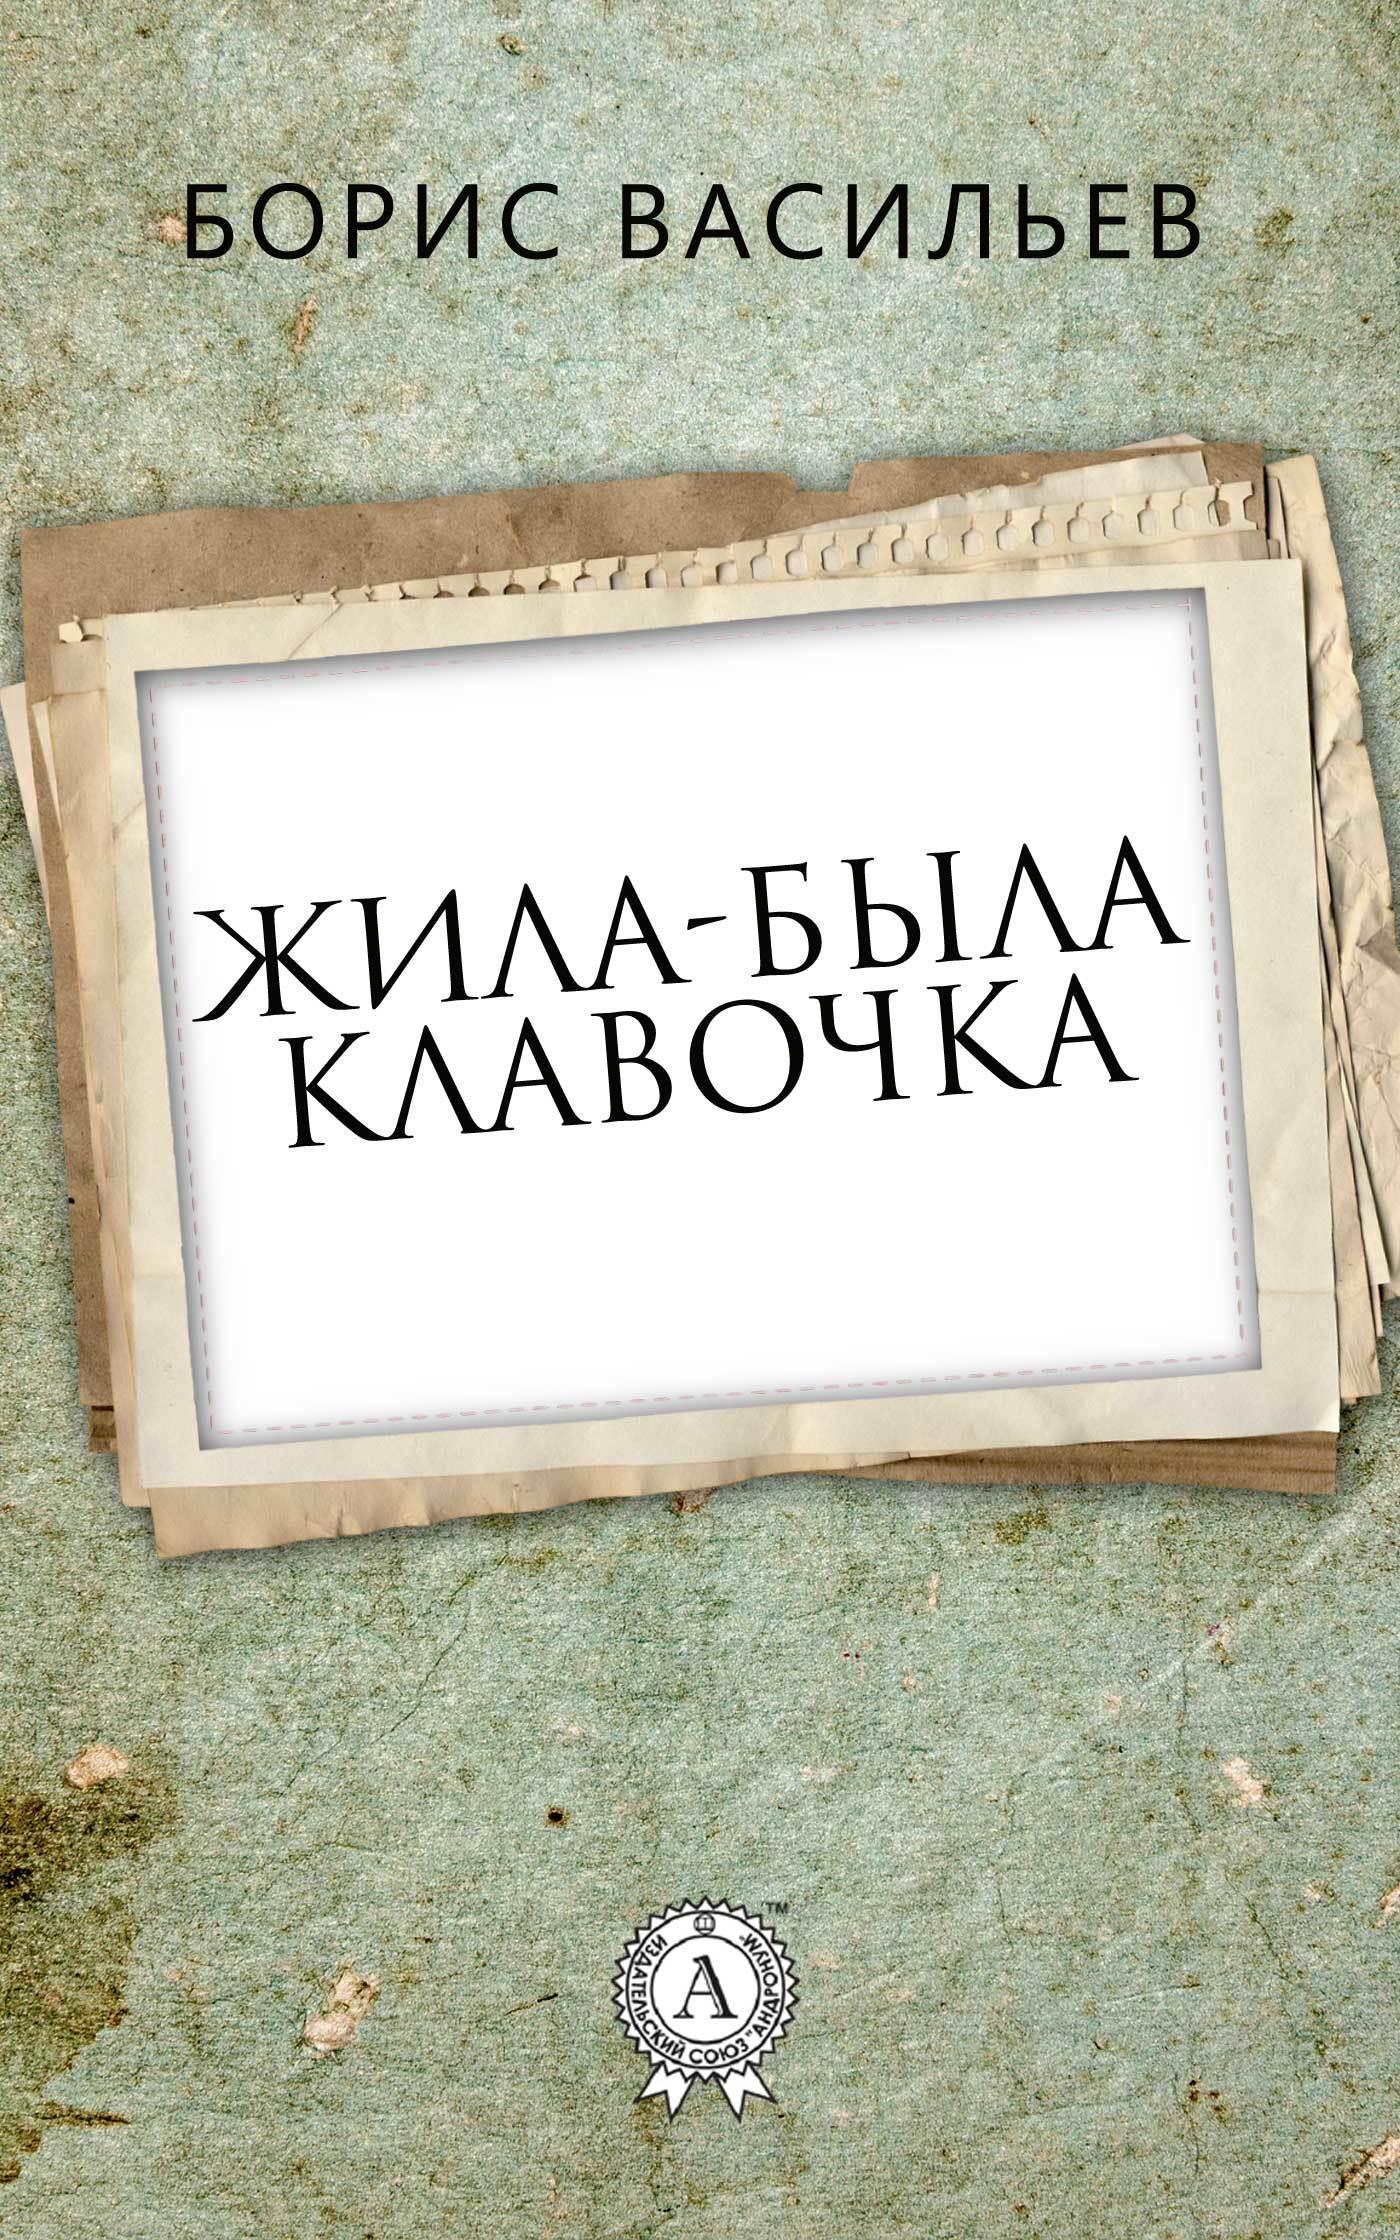 Борис Васильев. Жила-была Клавочка